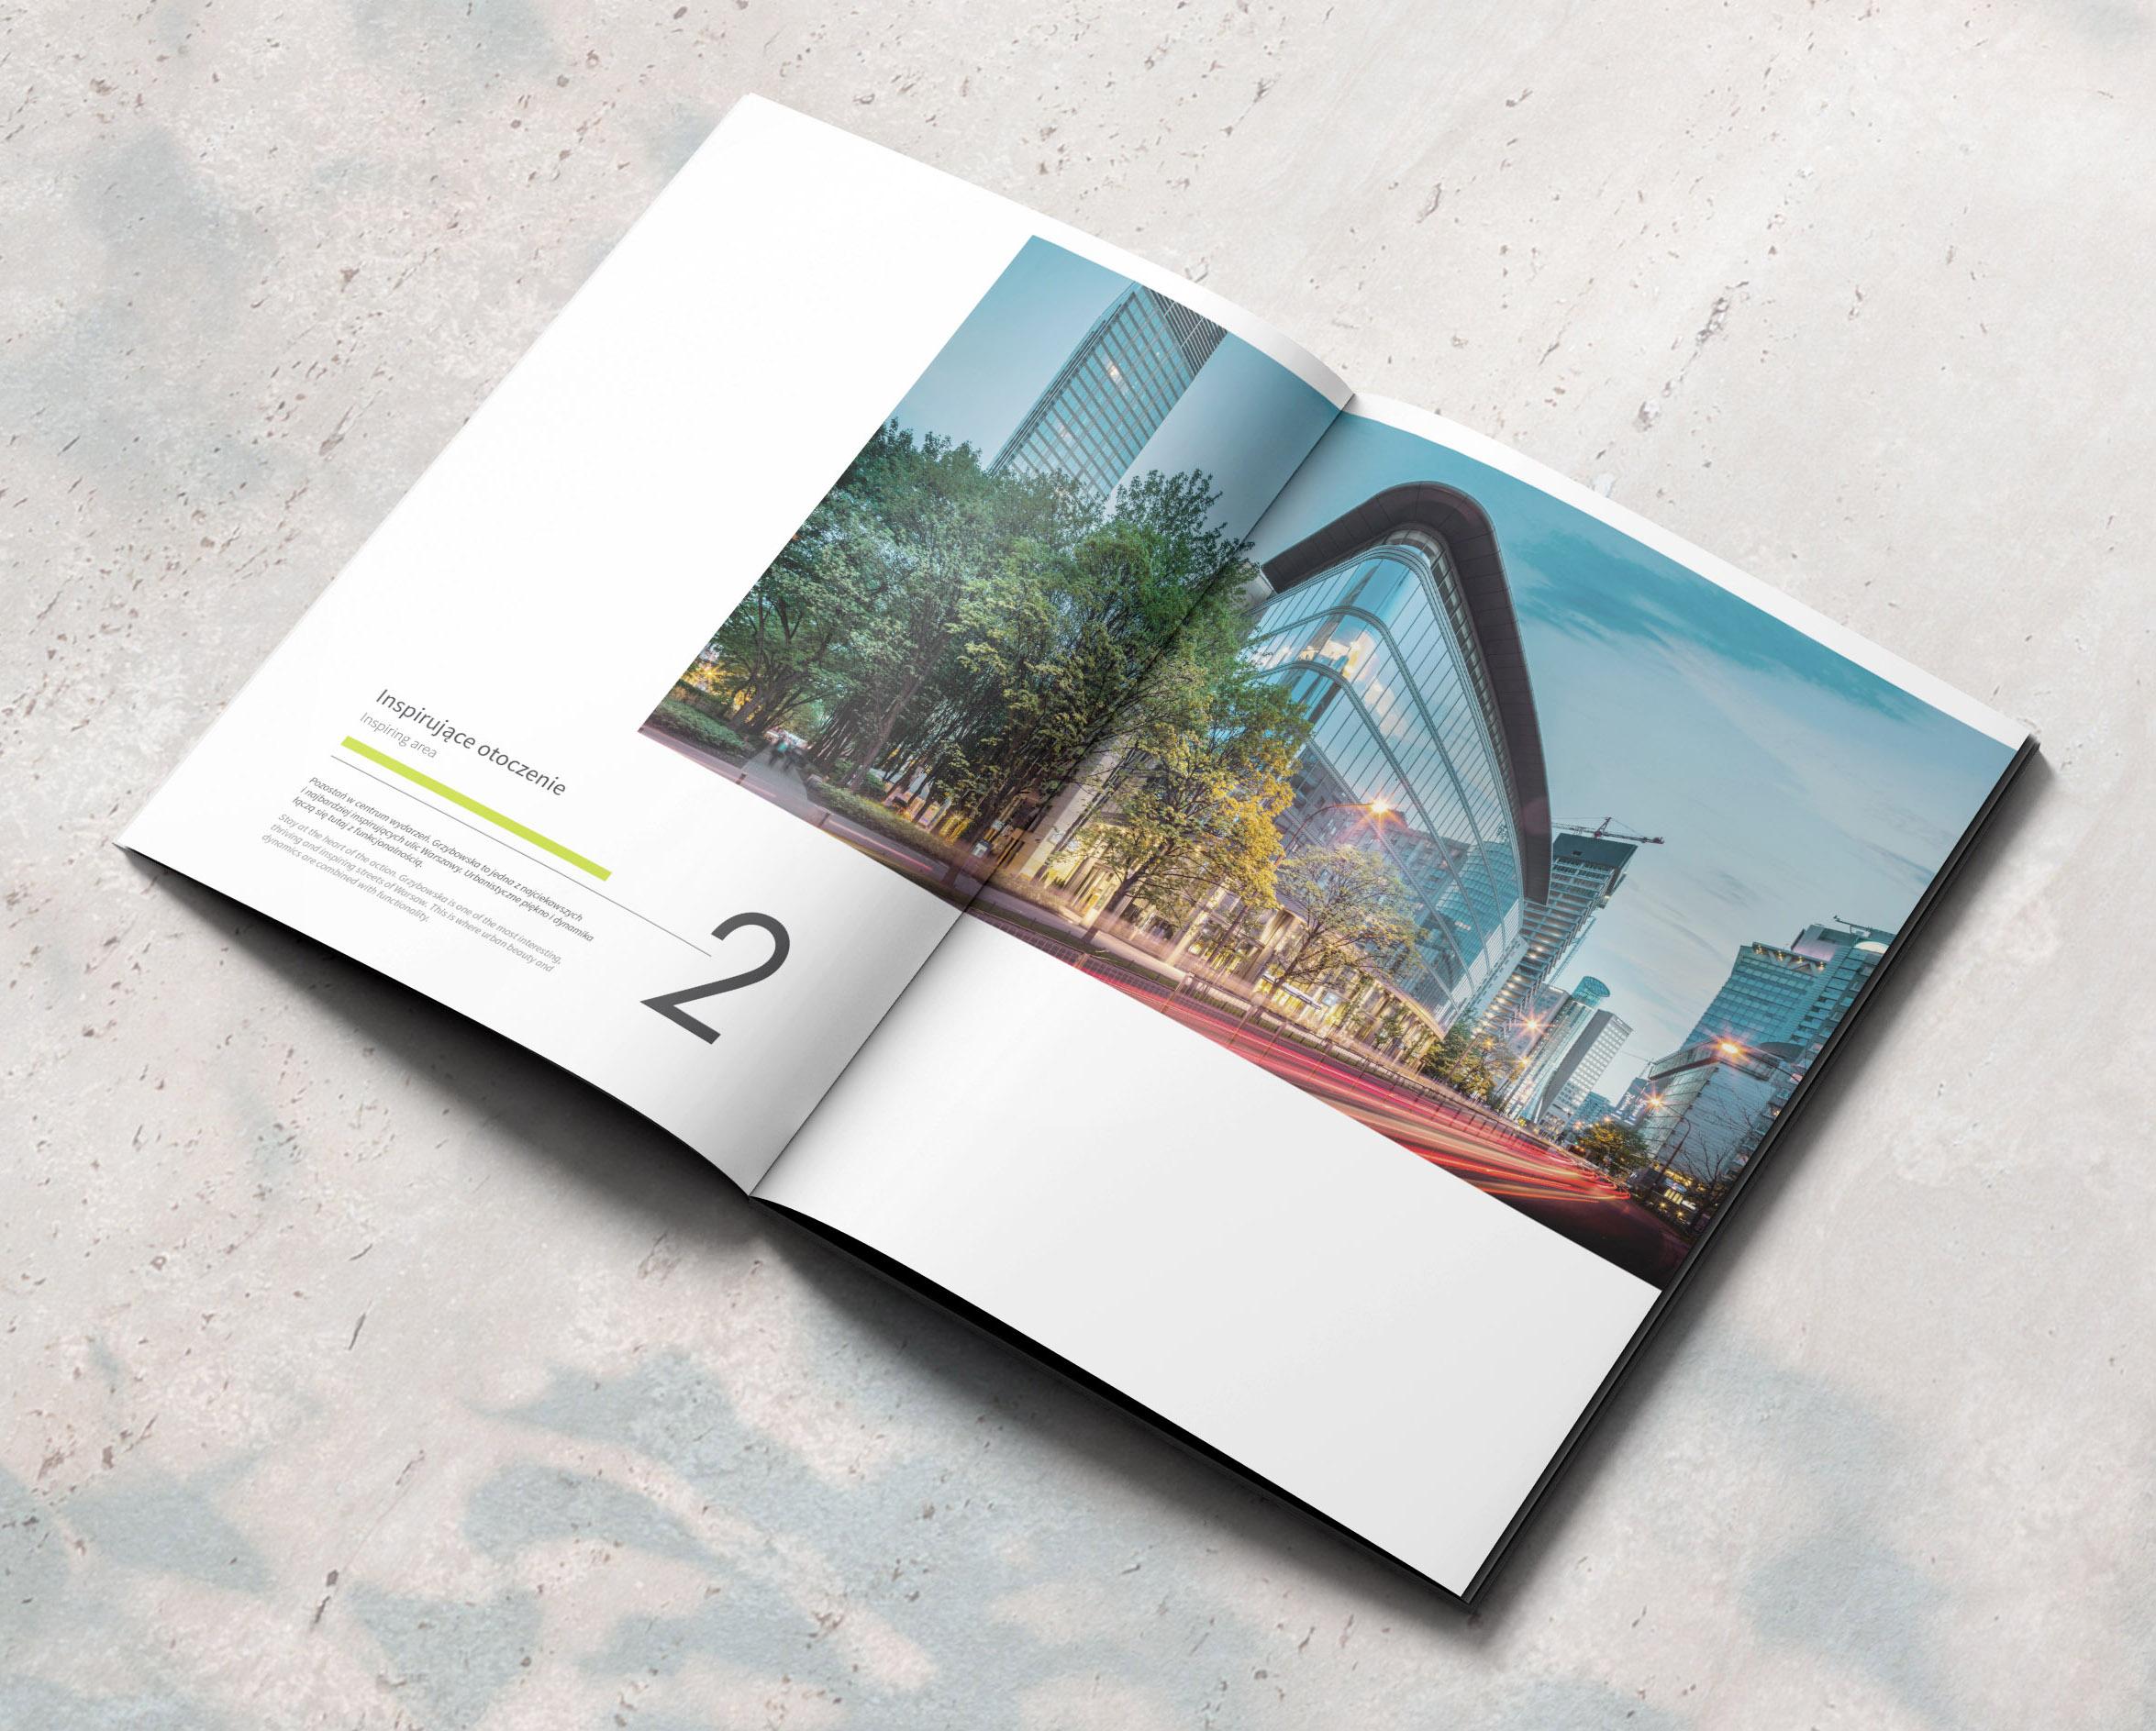 2015 Deka Grzybowska Park brochure 2.jpg